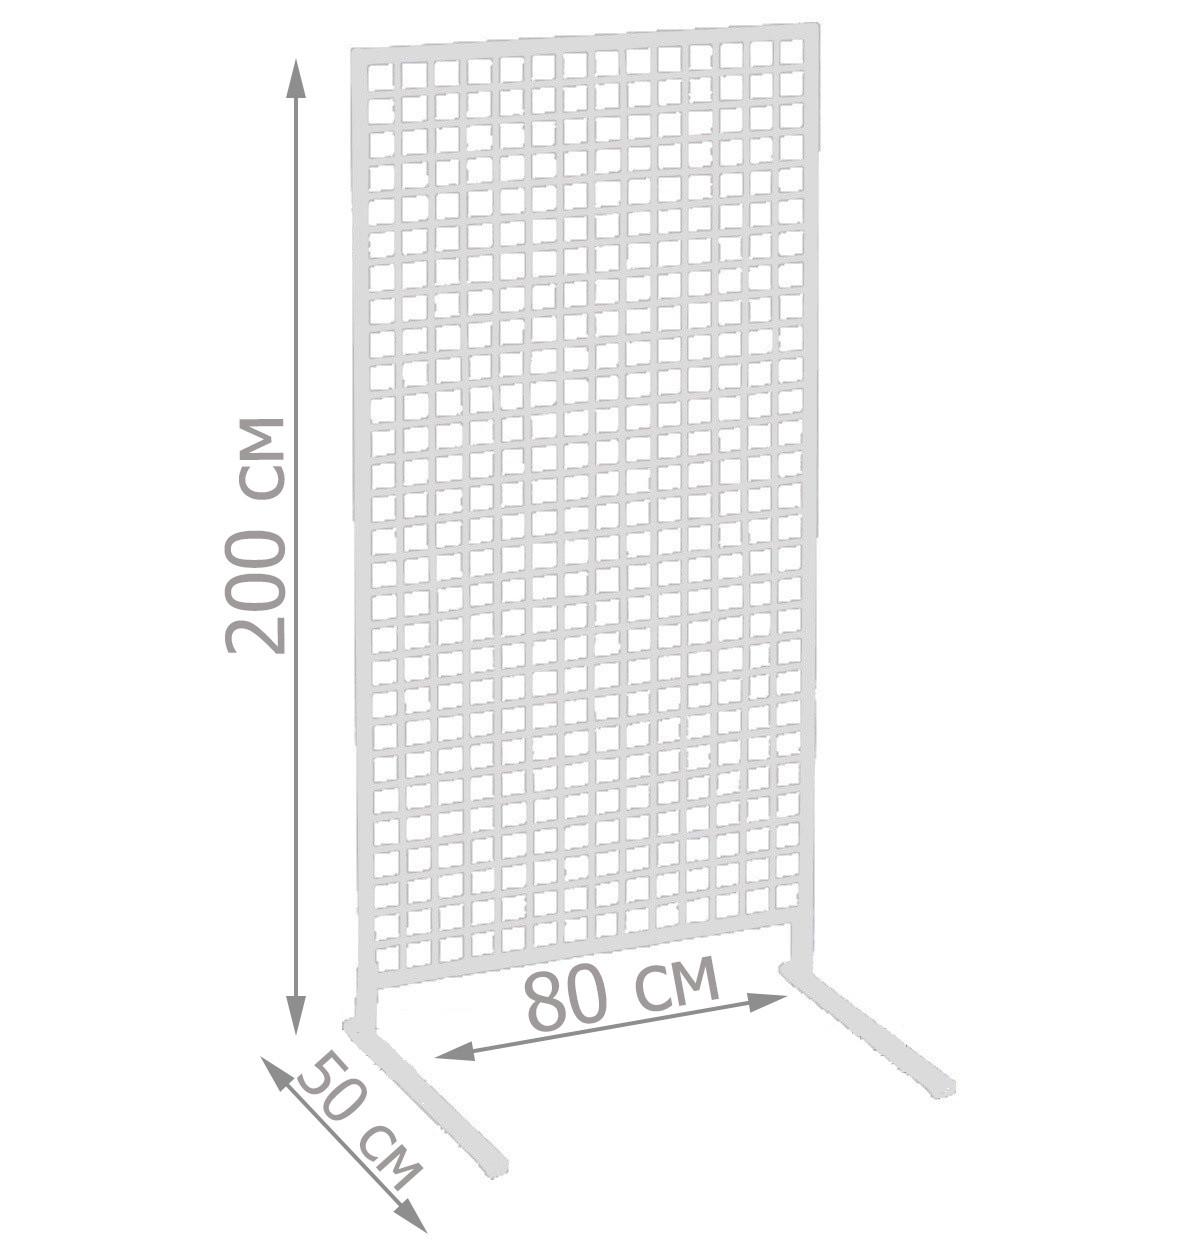 Торговая сетка стойка на ножках 200/80см профиль 20х20 мм (от производителя оптом и в розницу)